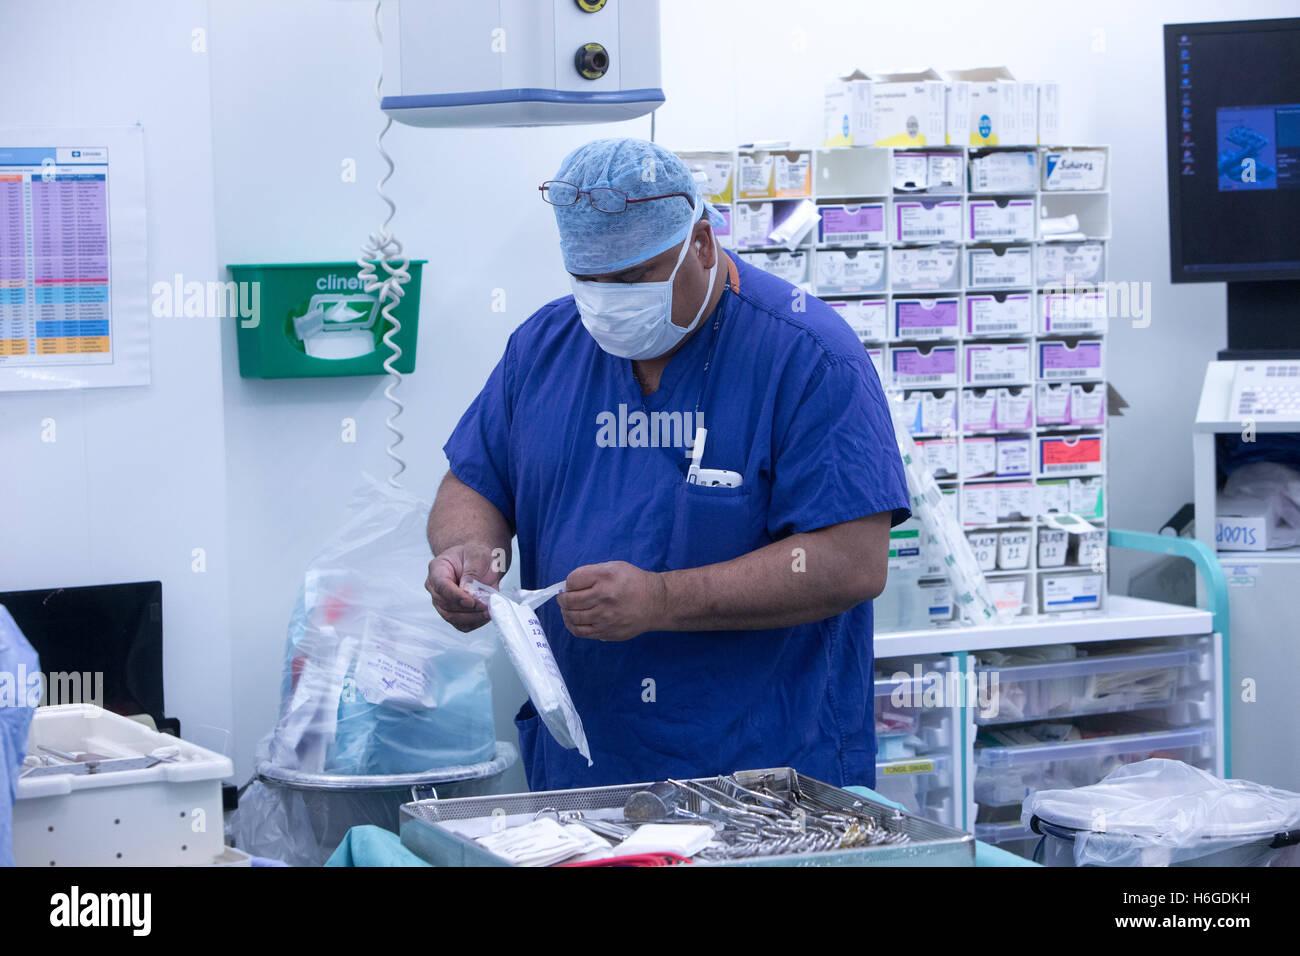 Una enfermera en scrubs abre los paquetes estériles en el quirófano de un hospital durante una operación Foto de stock